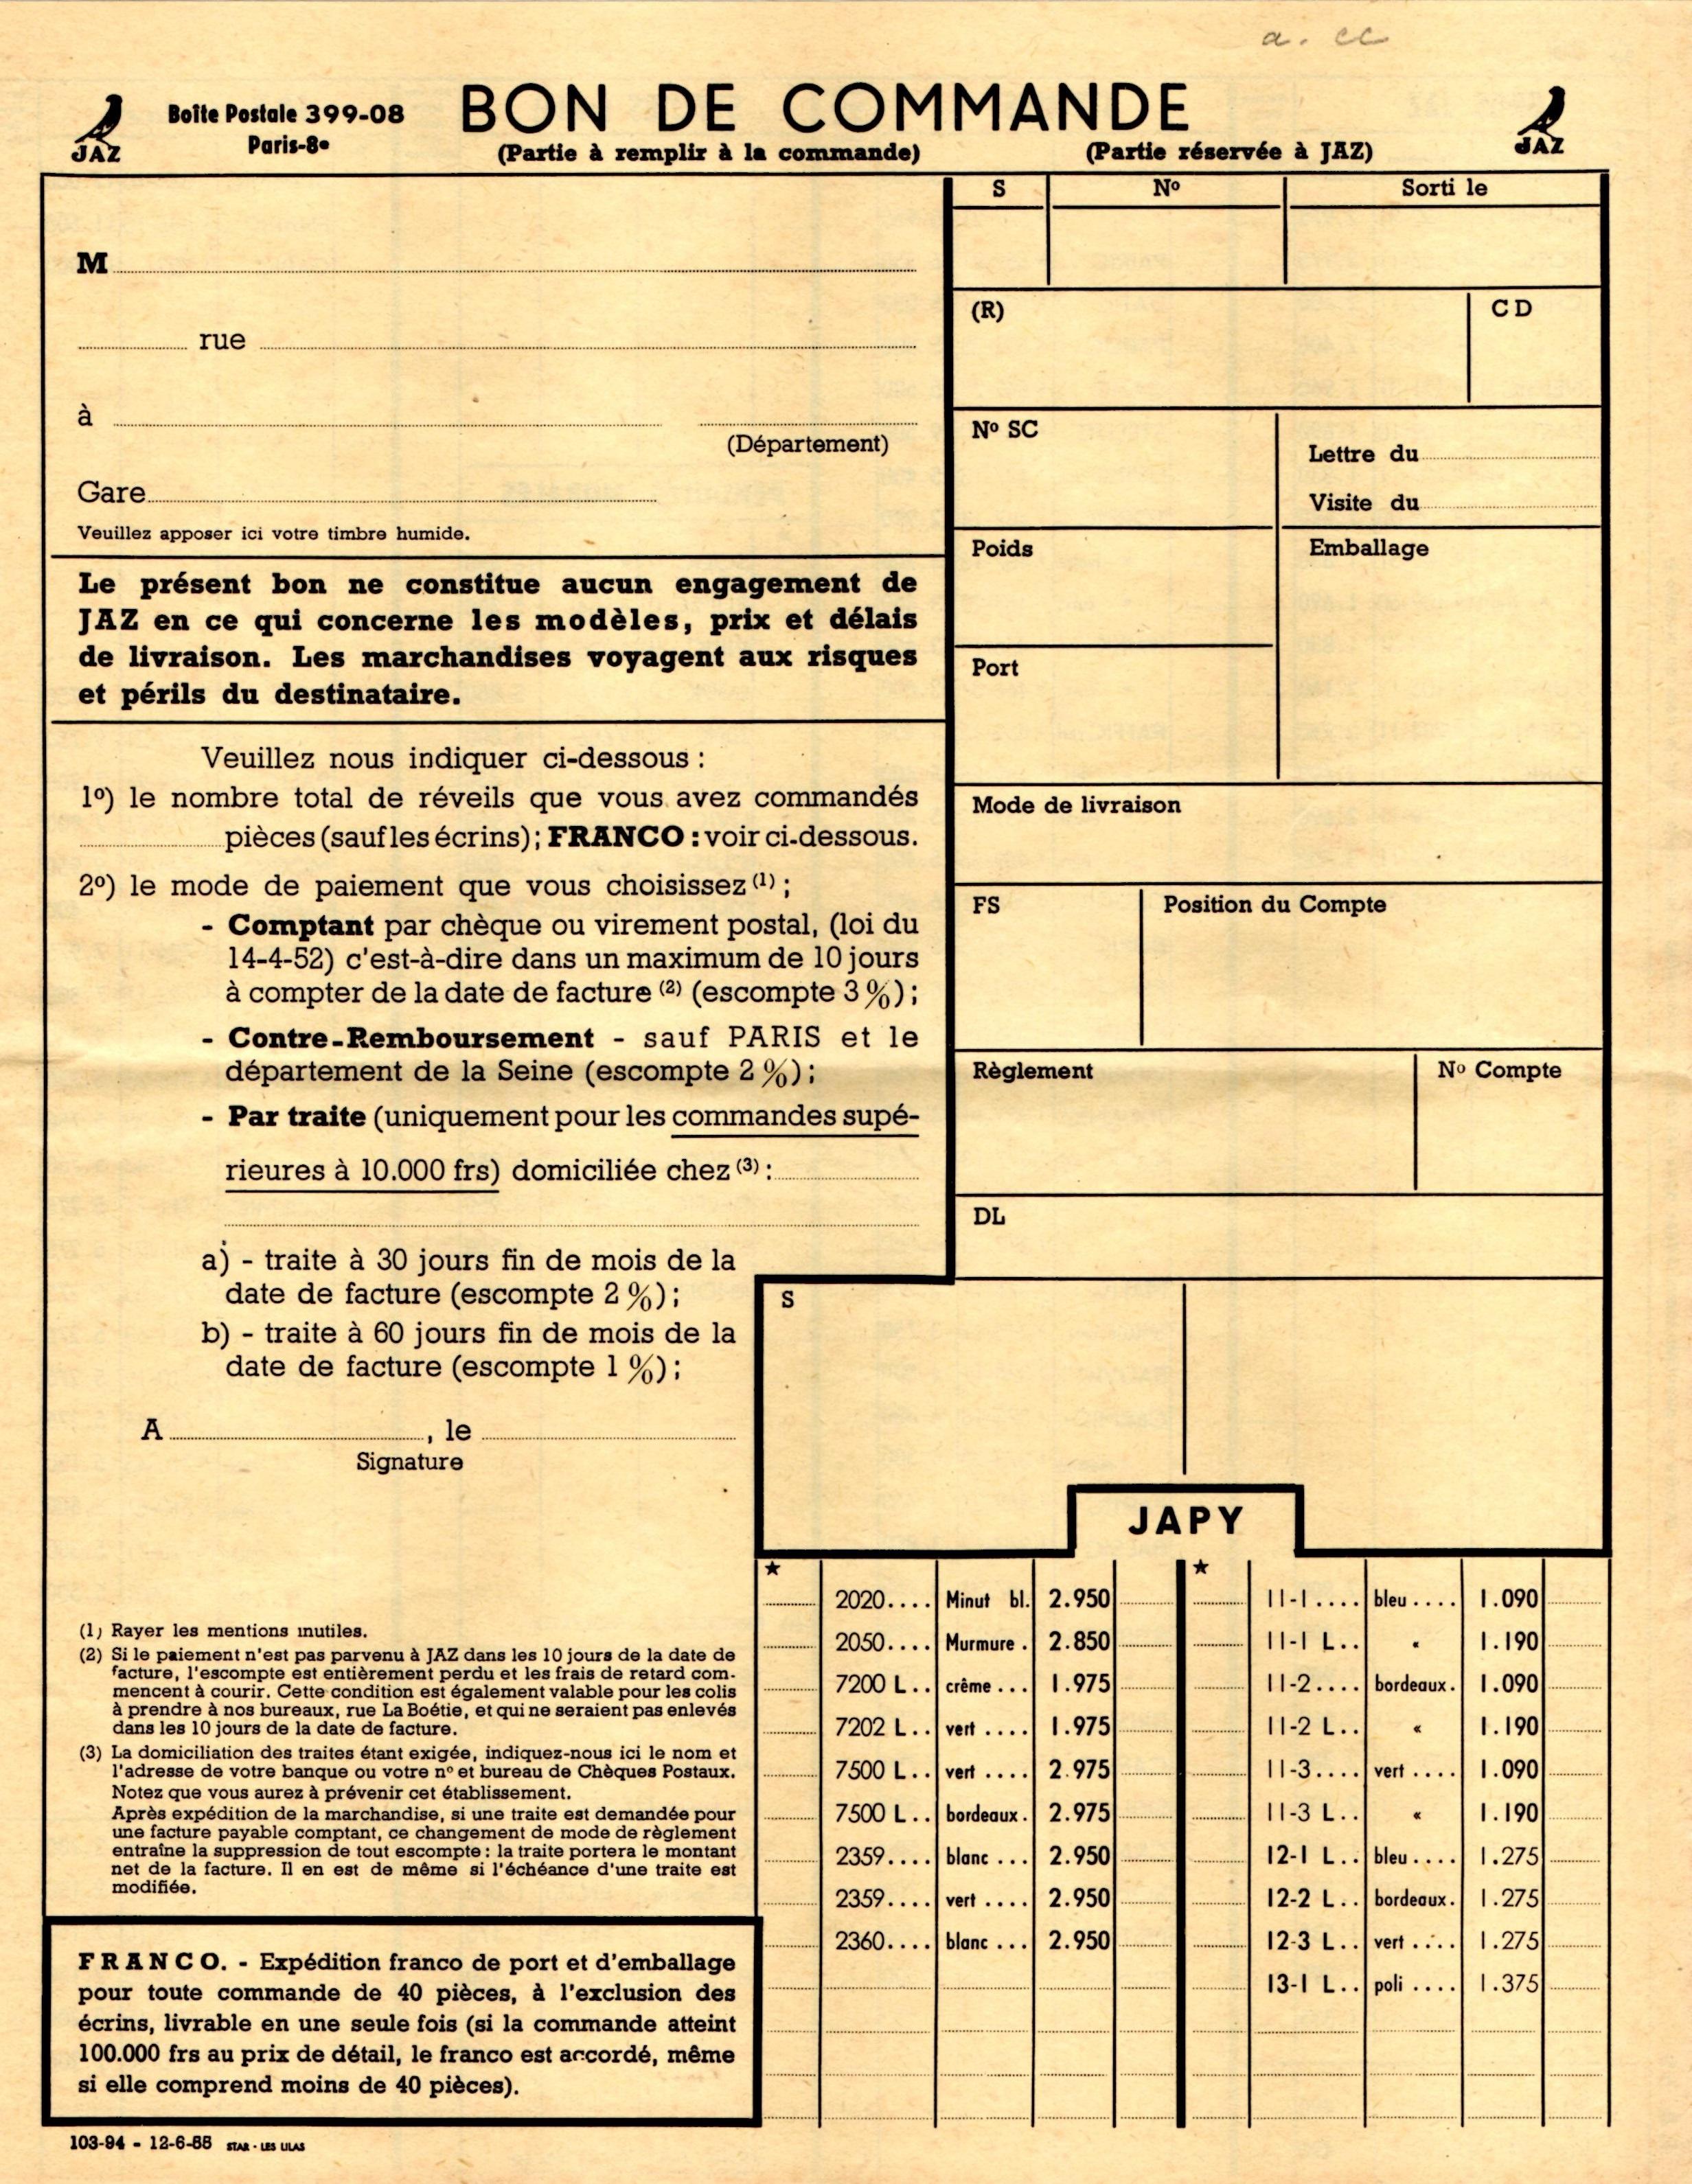 1955 bon de commande du tarif FA 55 juin 1955